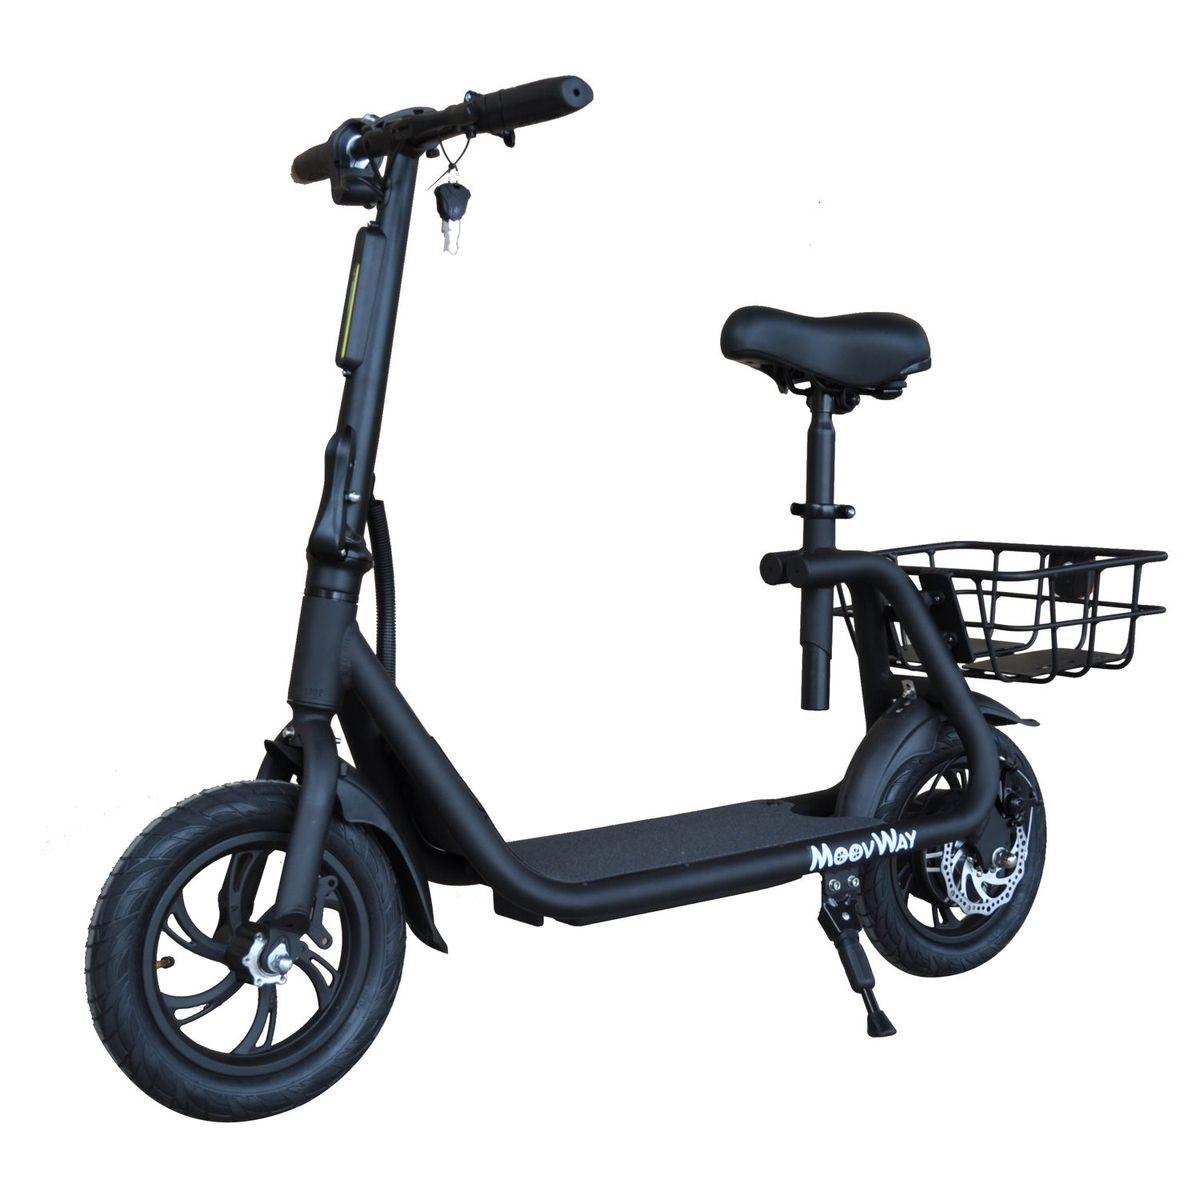 Scooter électrique Pliable avec selle E-scooter City Moov Noir